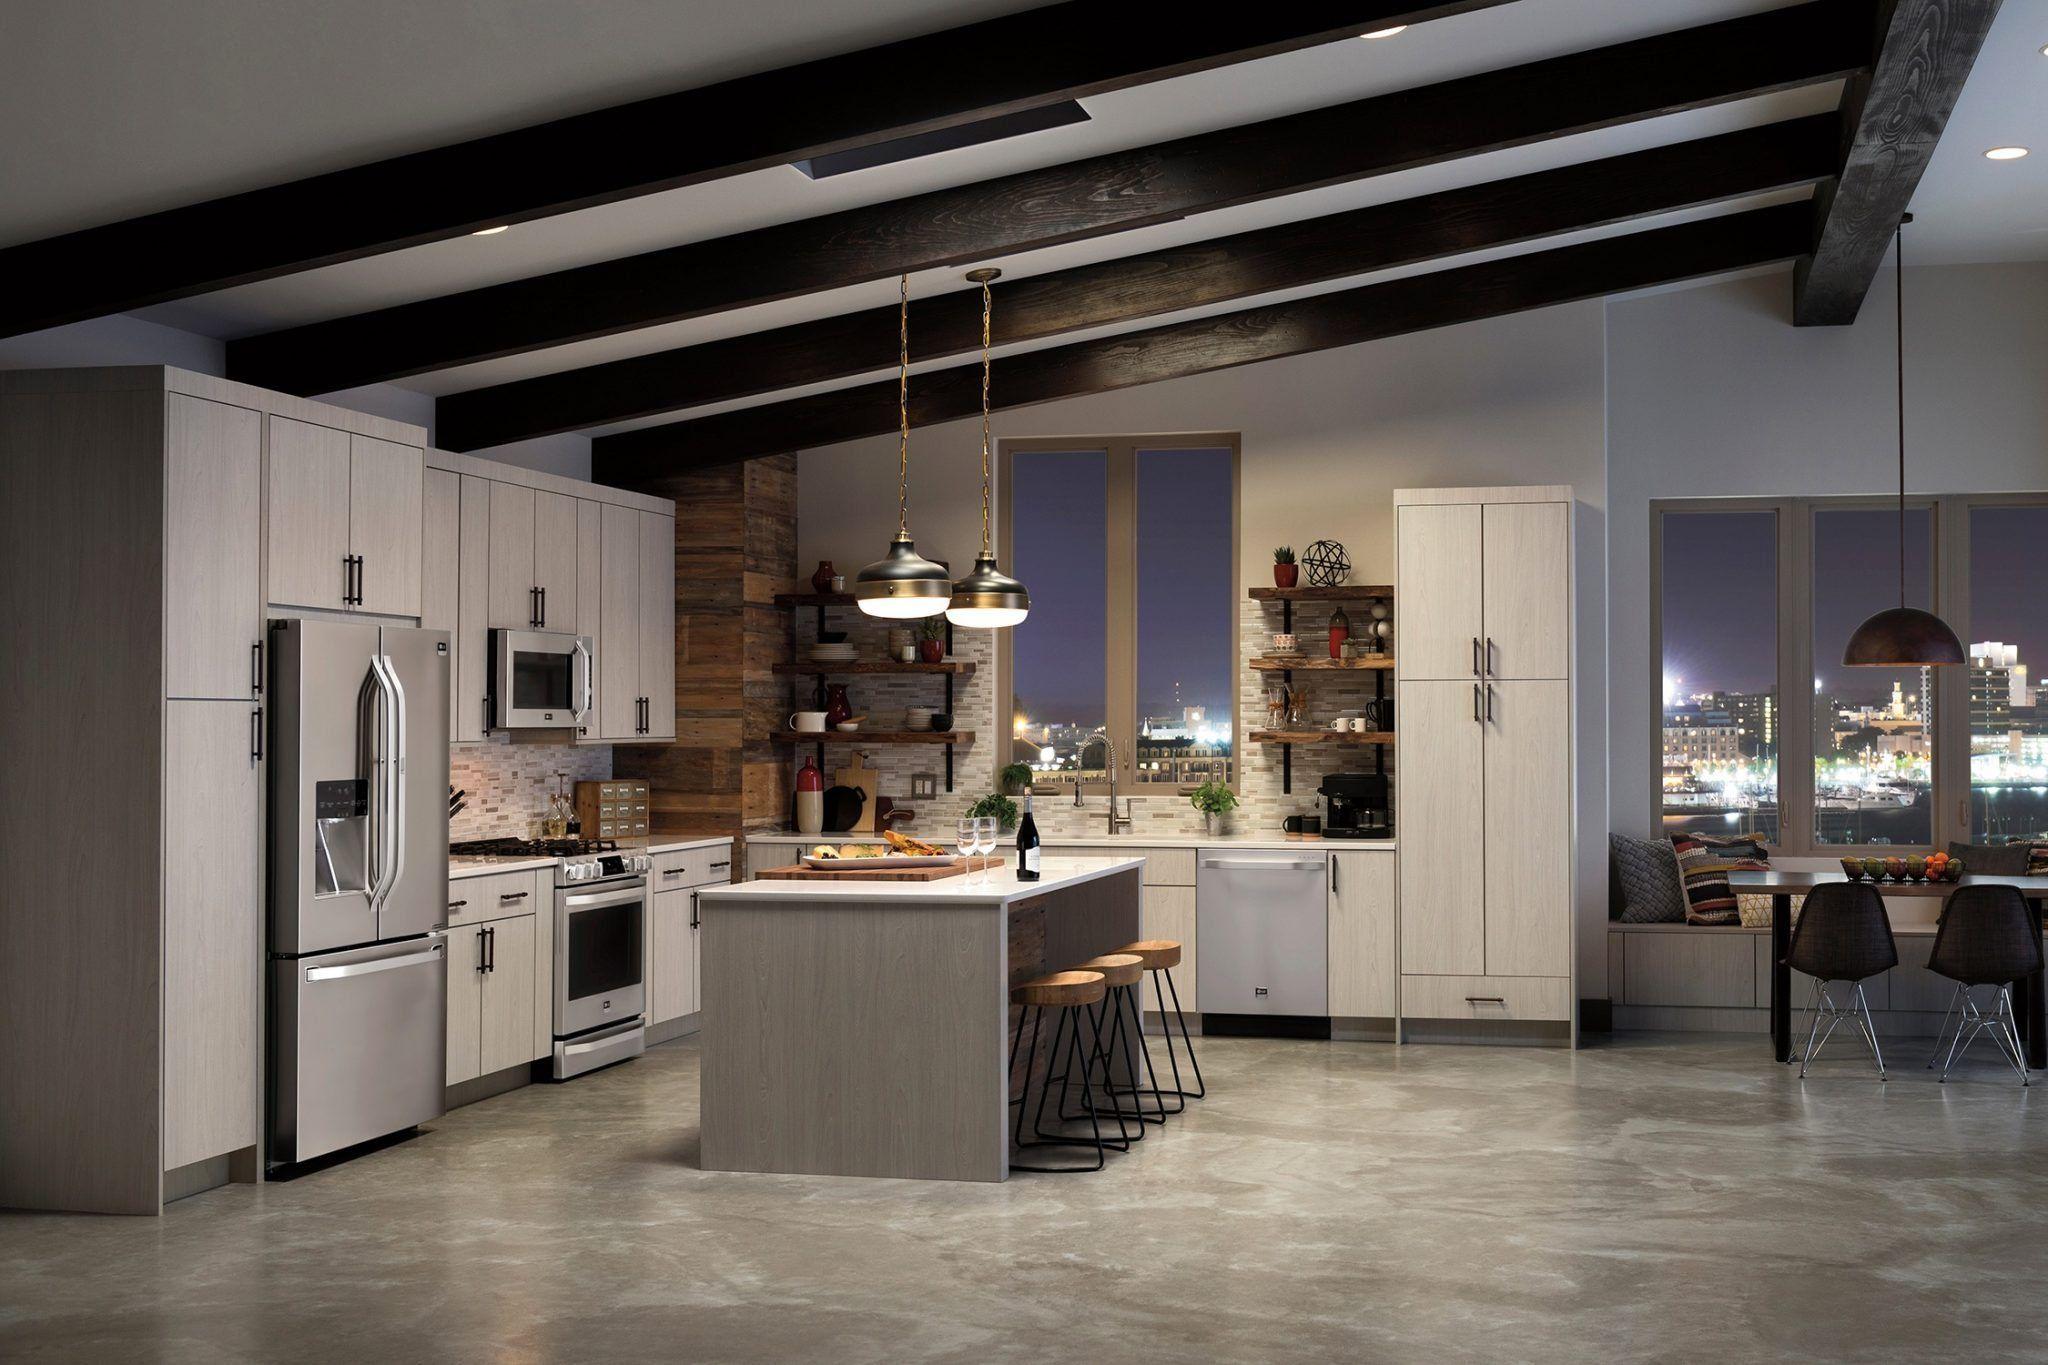 Linha LG Studio traz novo conceito de cozinha para o mercado brasileiro - http://www.showmetech.com.br/linha-lg-studio-traz-novo-conceito-de-cozinha-para-o-mercado-brasileiro/